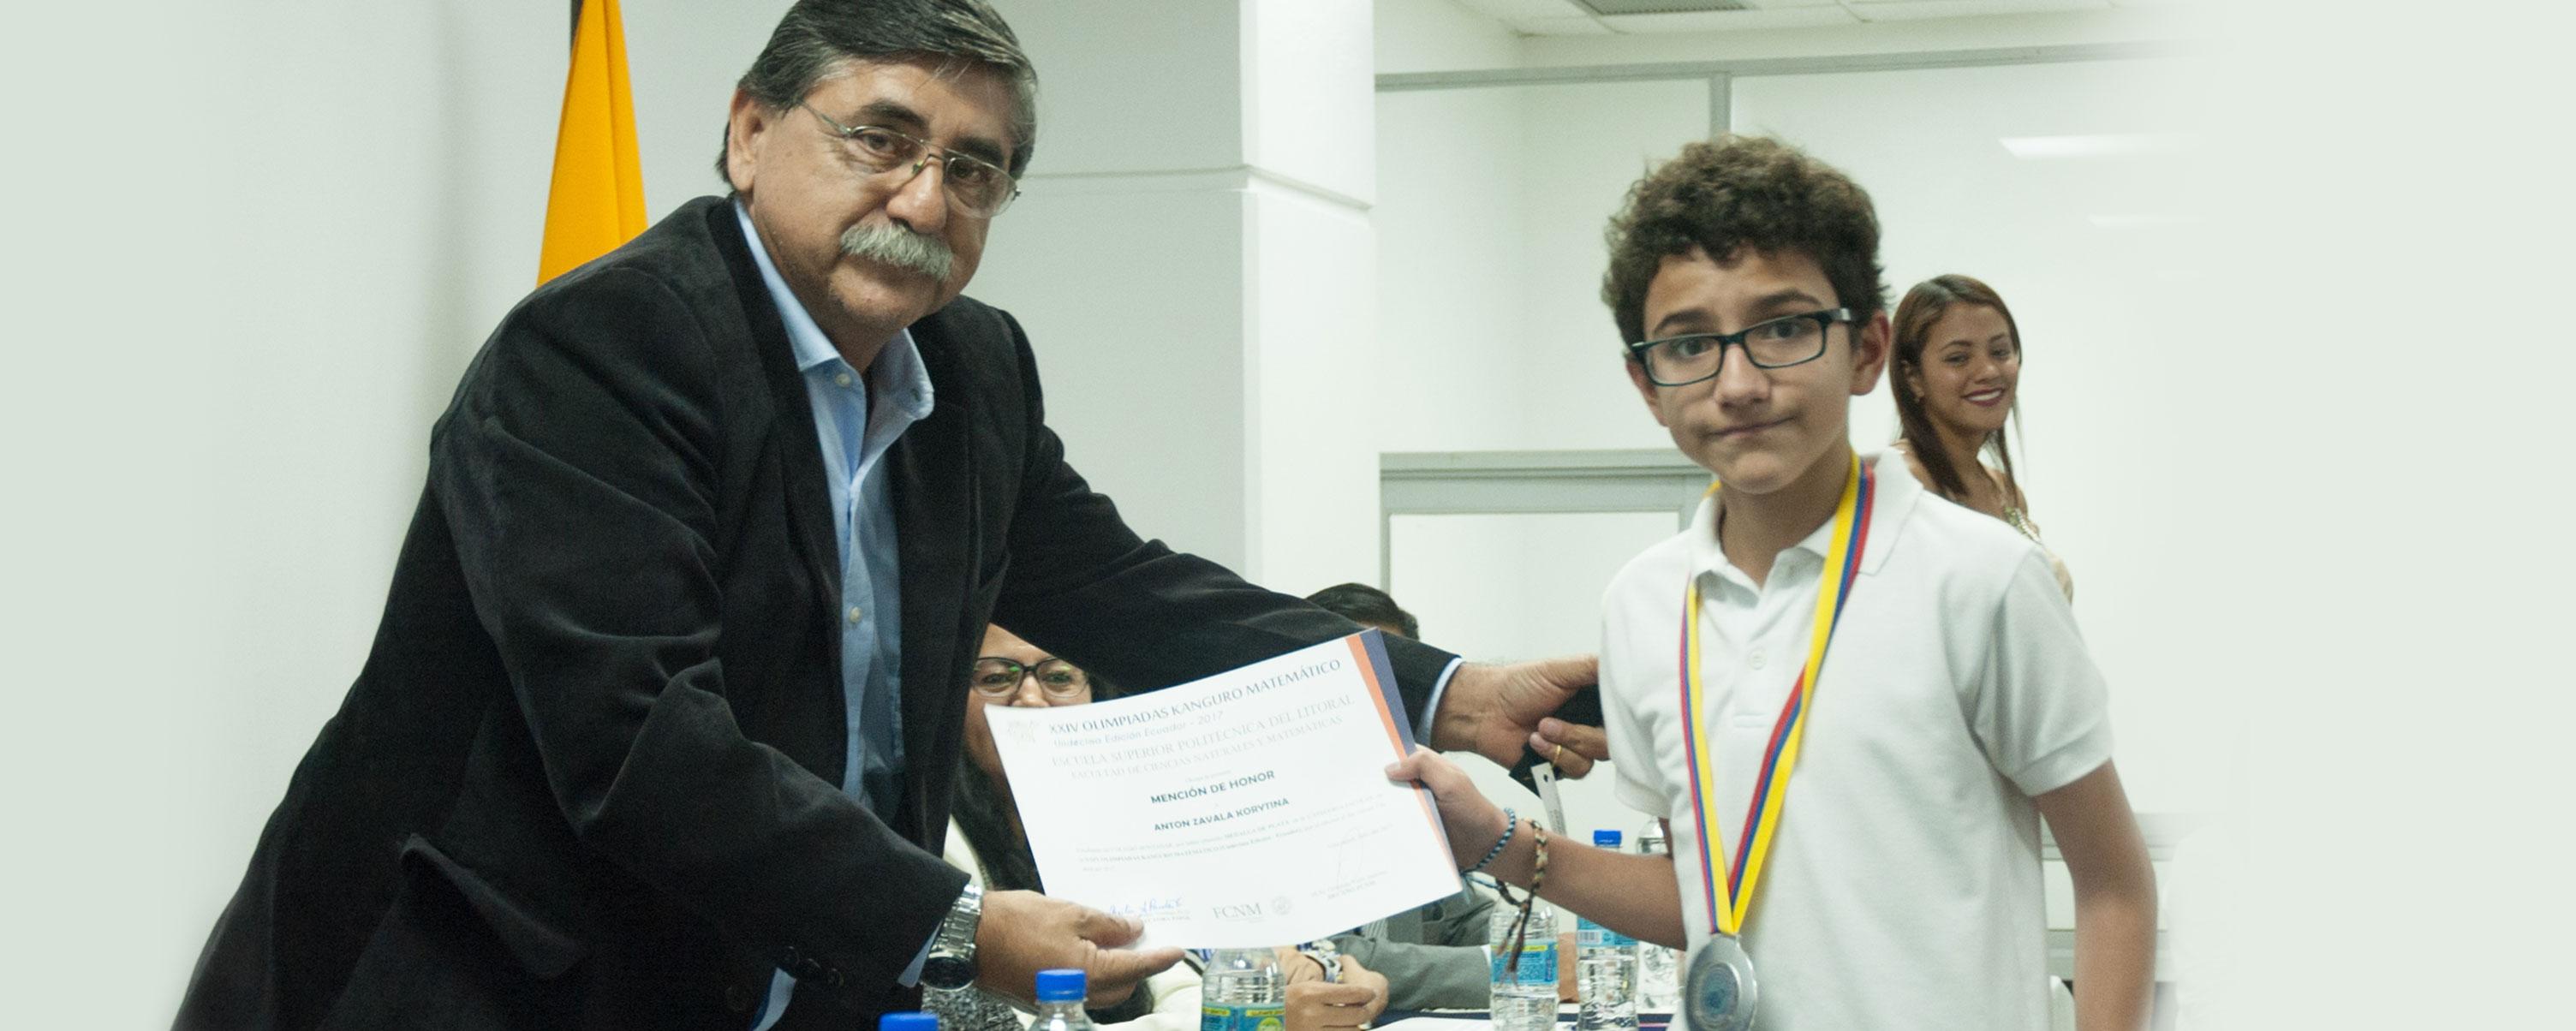 ESPOL premia el talento matemático